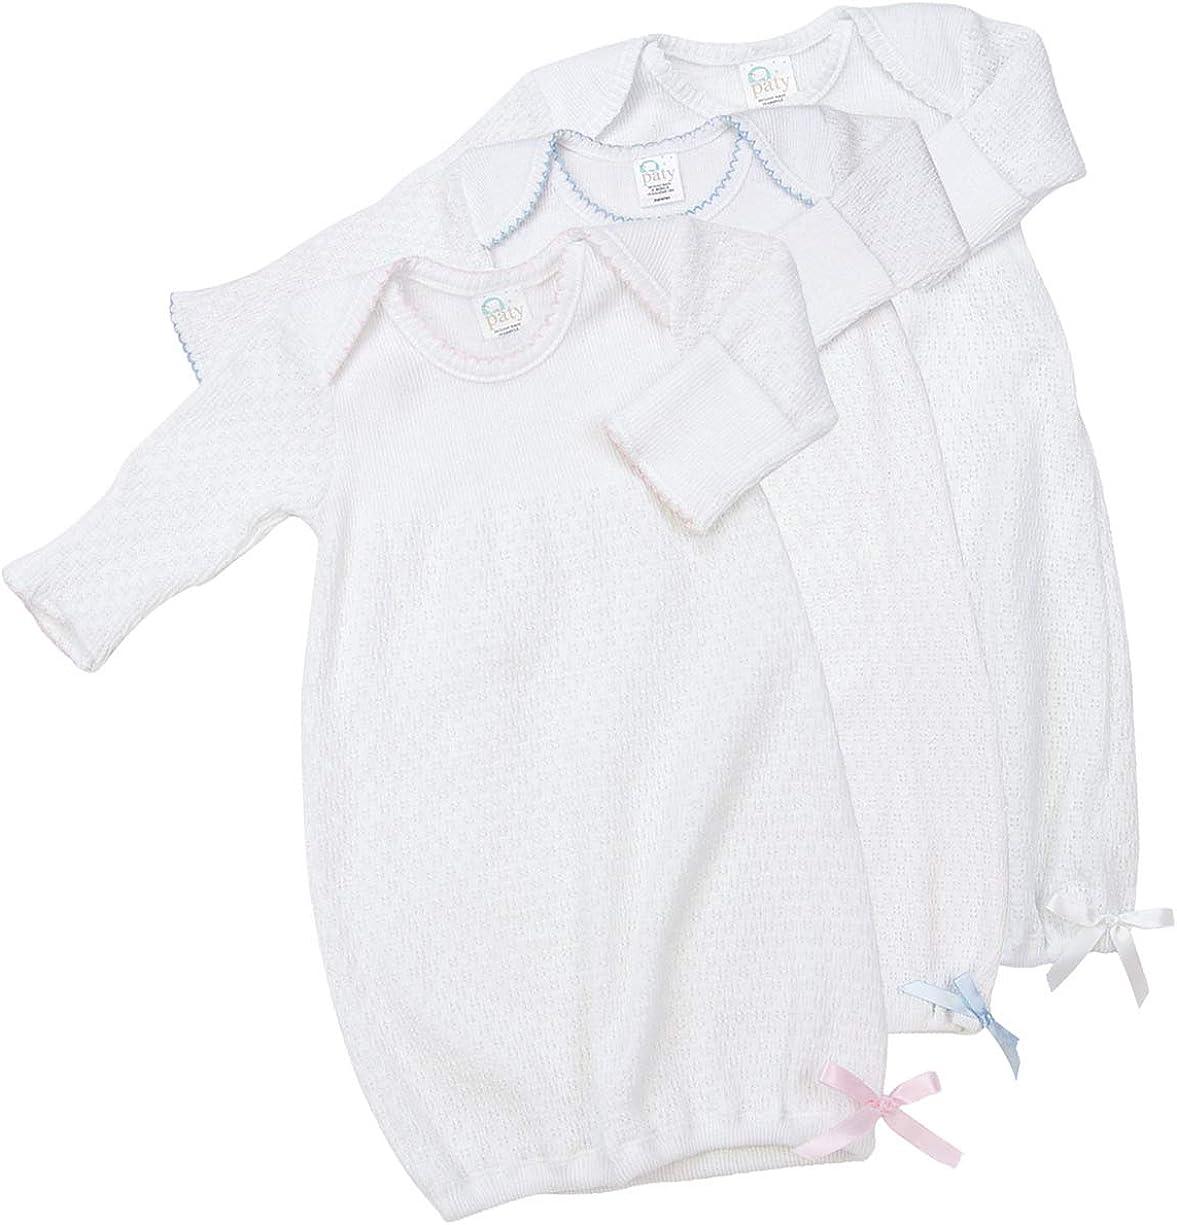 LS Lap-Shoulder Gown, #115